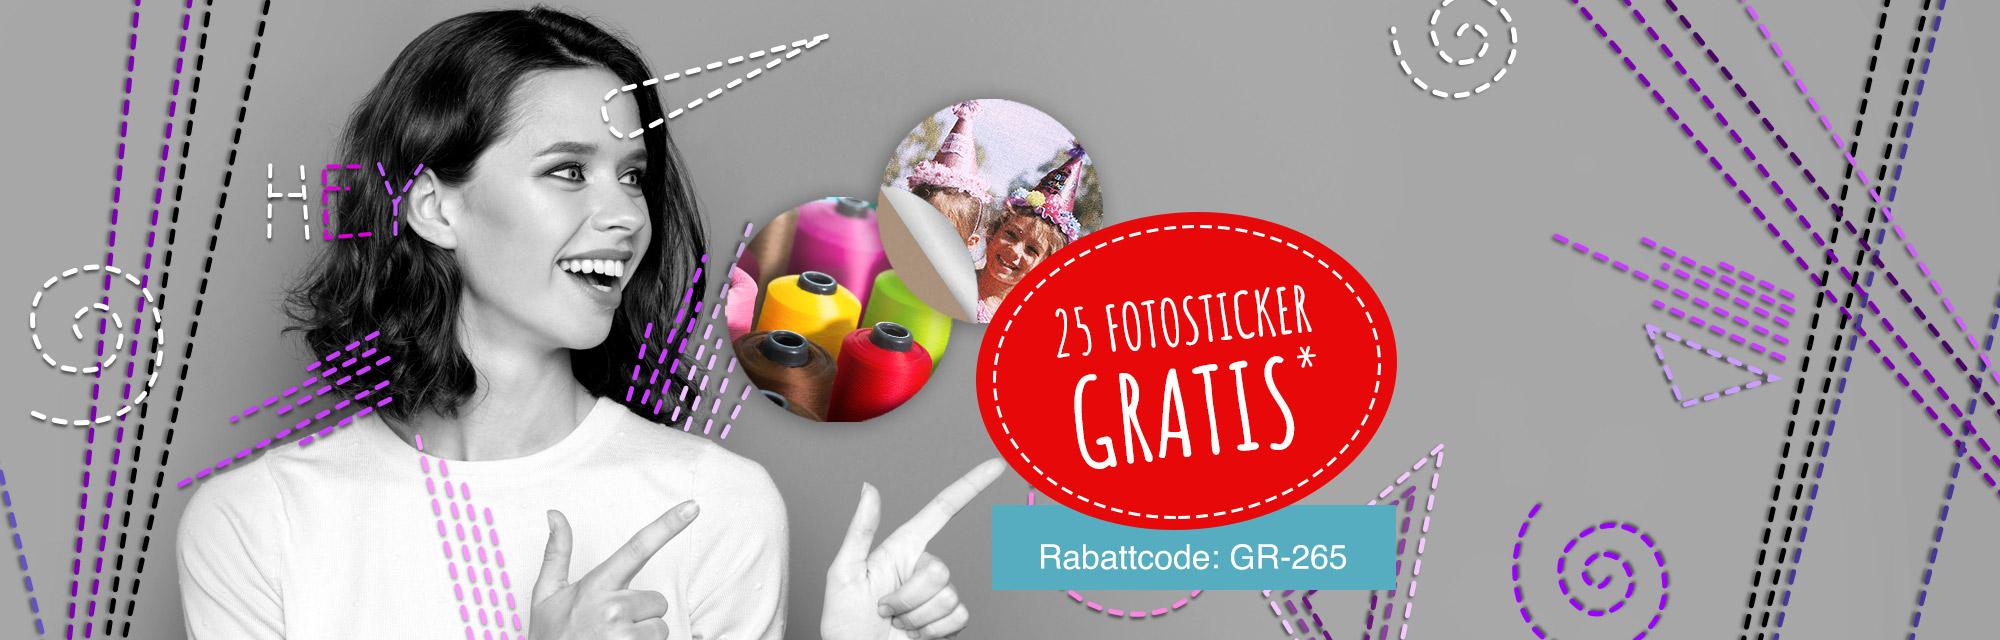 Azione gratuita: ti regaliamo 25 adesivi con la tua foto*!